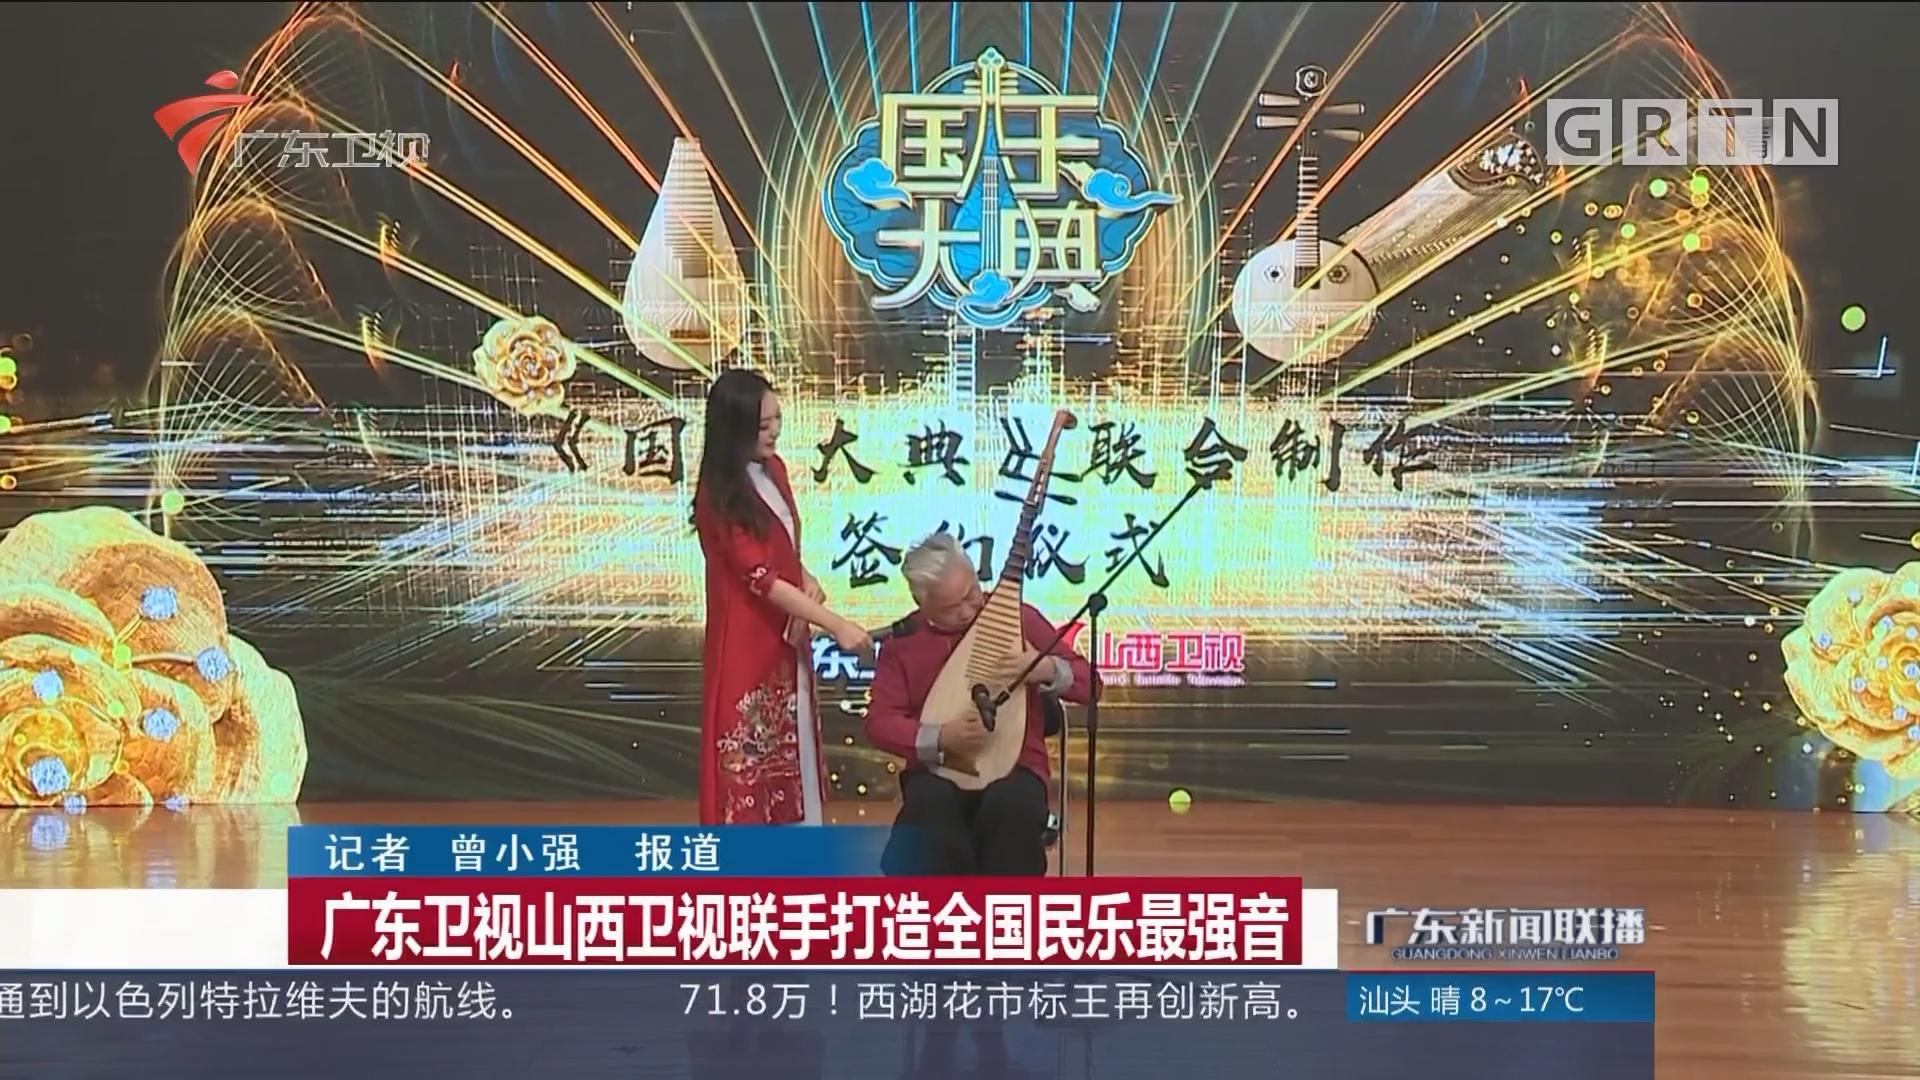 广东卫视山西卫视联手打造全国民乐最强音